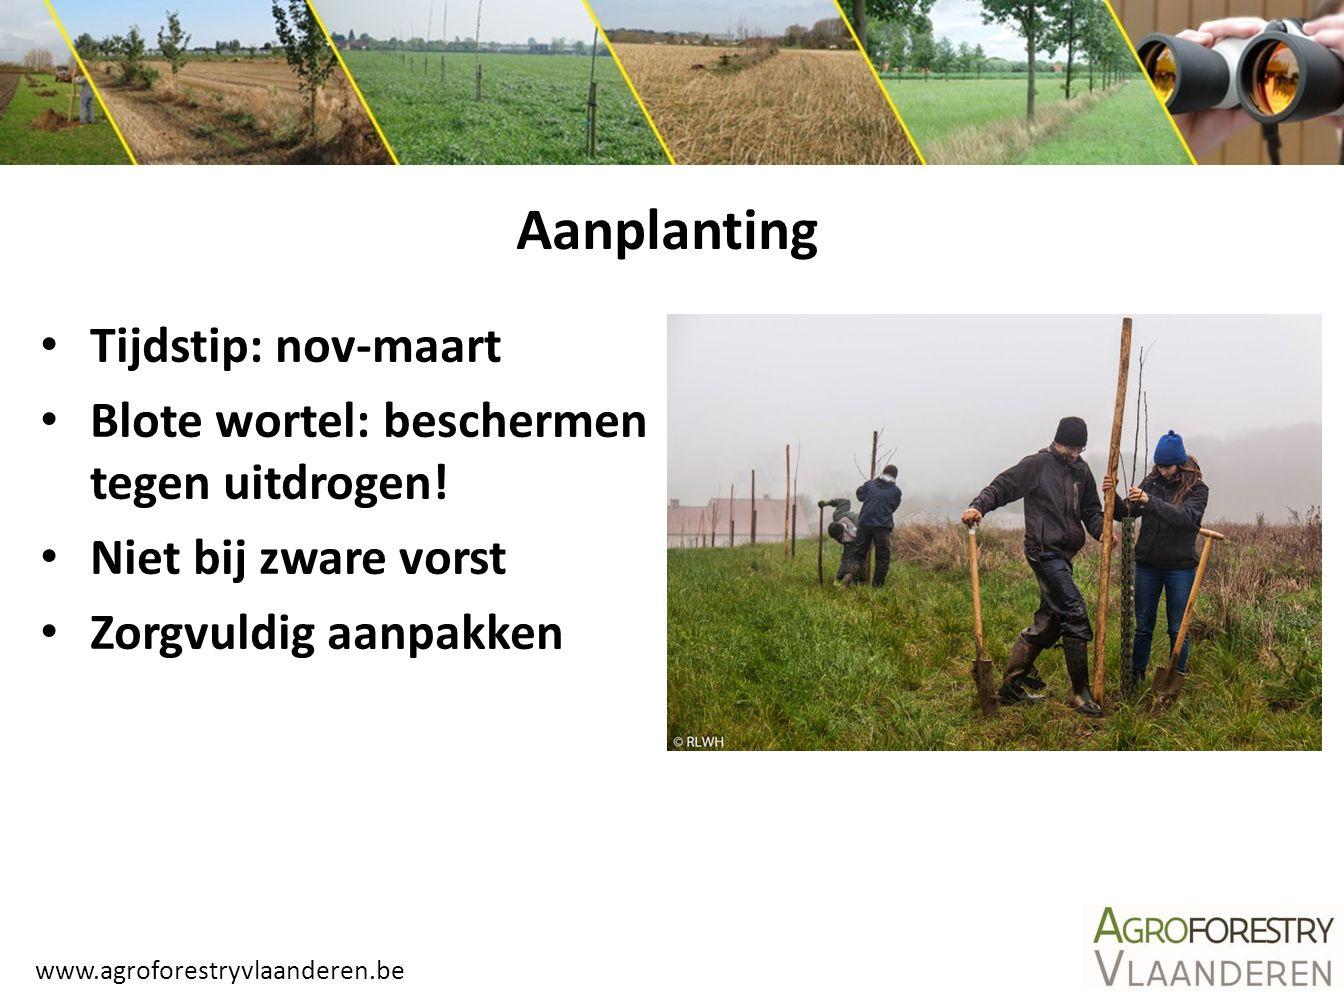 www.agroforestryvlaanderen.be Aanplanting Tijdstip: nov-maart Blote wortel: beschermen tegen uitdrogen! Niet bij zware vorst Zorgvuldig aanpakken